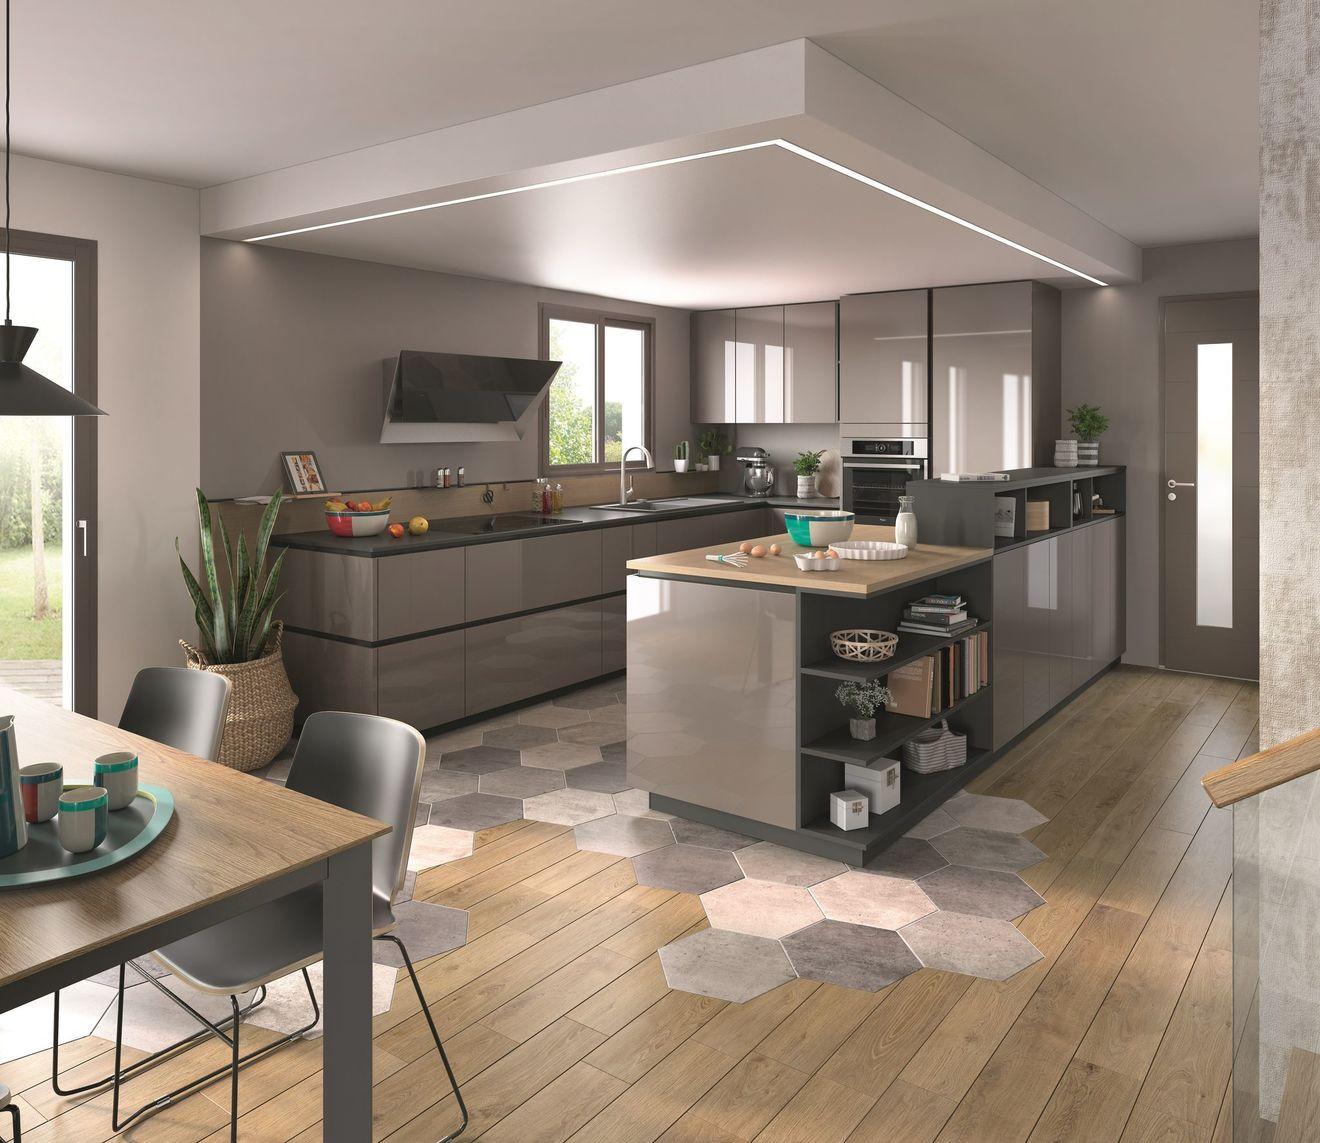 Cuisine ouverte sur salon ou salle manger 20 exemples - Amenagement salon salle a manger cuisine ouverte ...